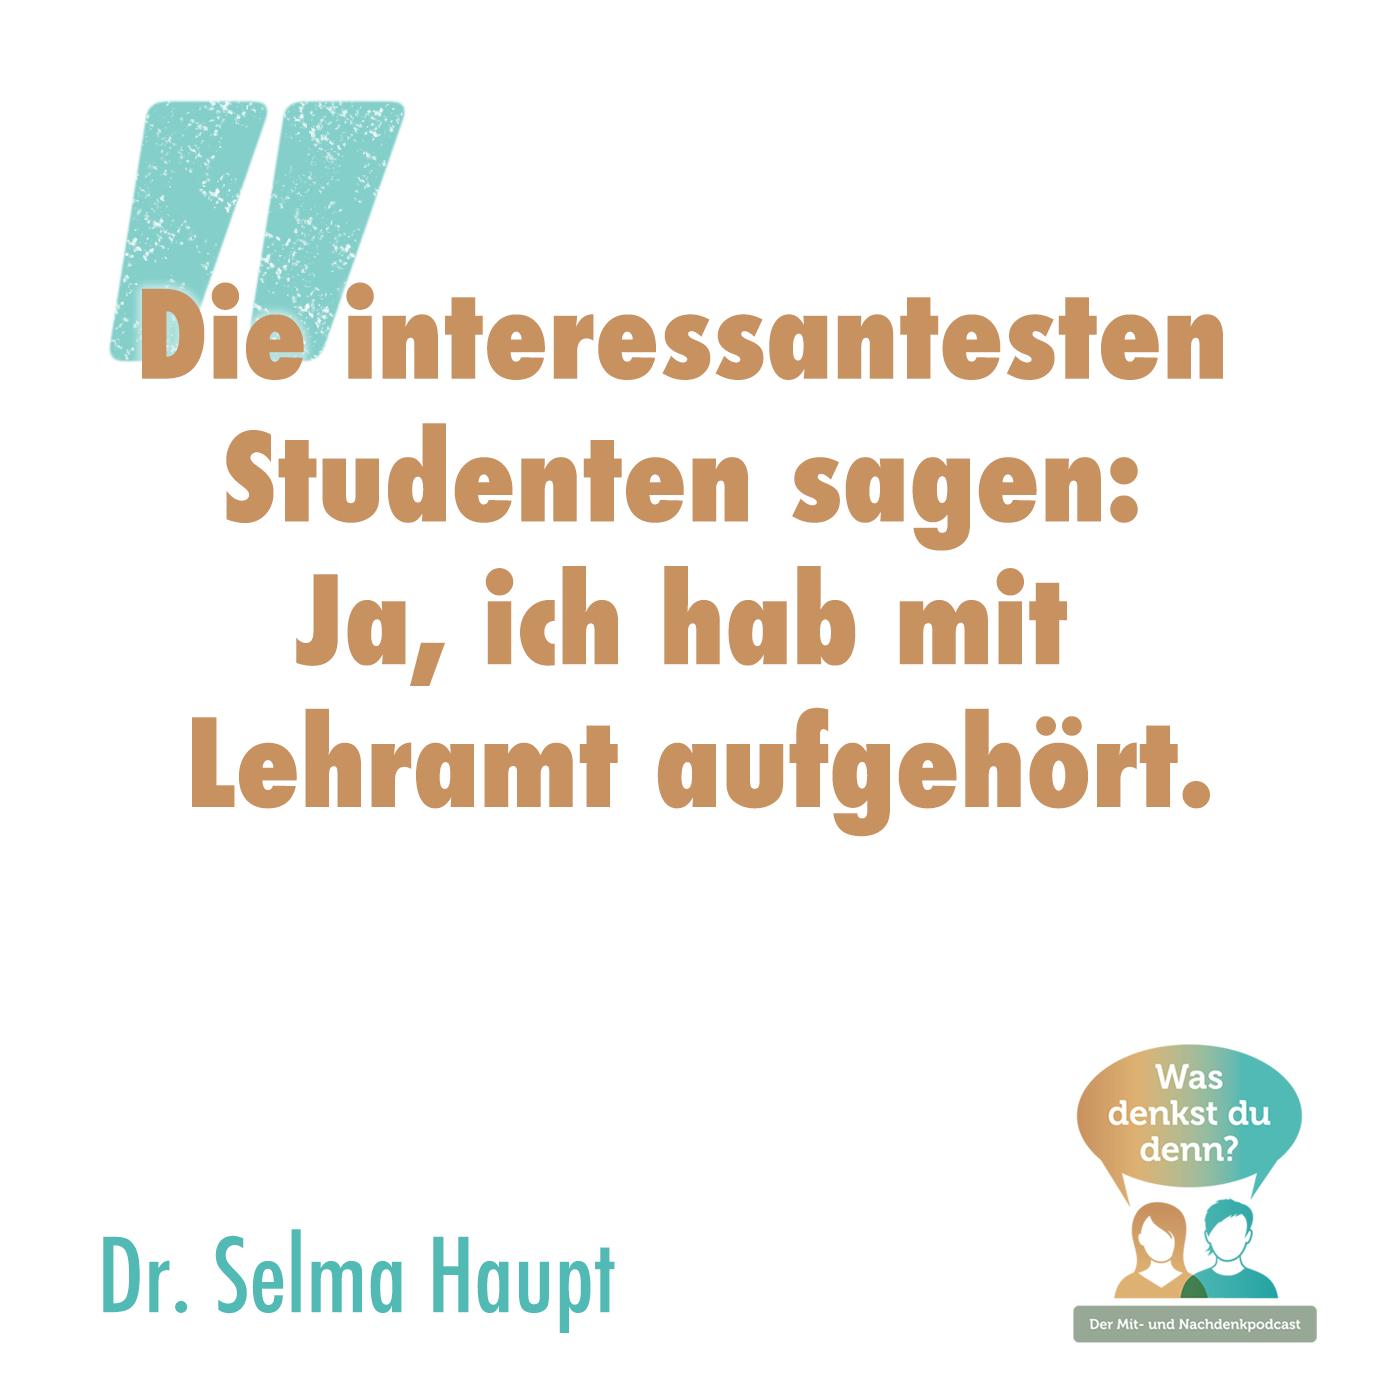 """Zitat Dr. Selma Haupt: """"Die interessantesten Studenten sagen: Ja, ich hab mit Lehramt aufgehört."""""""